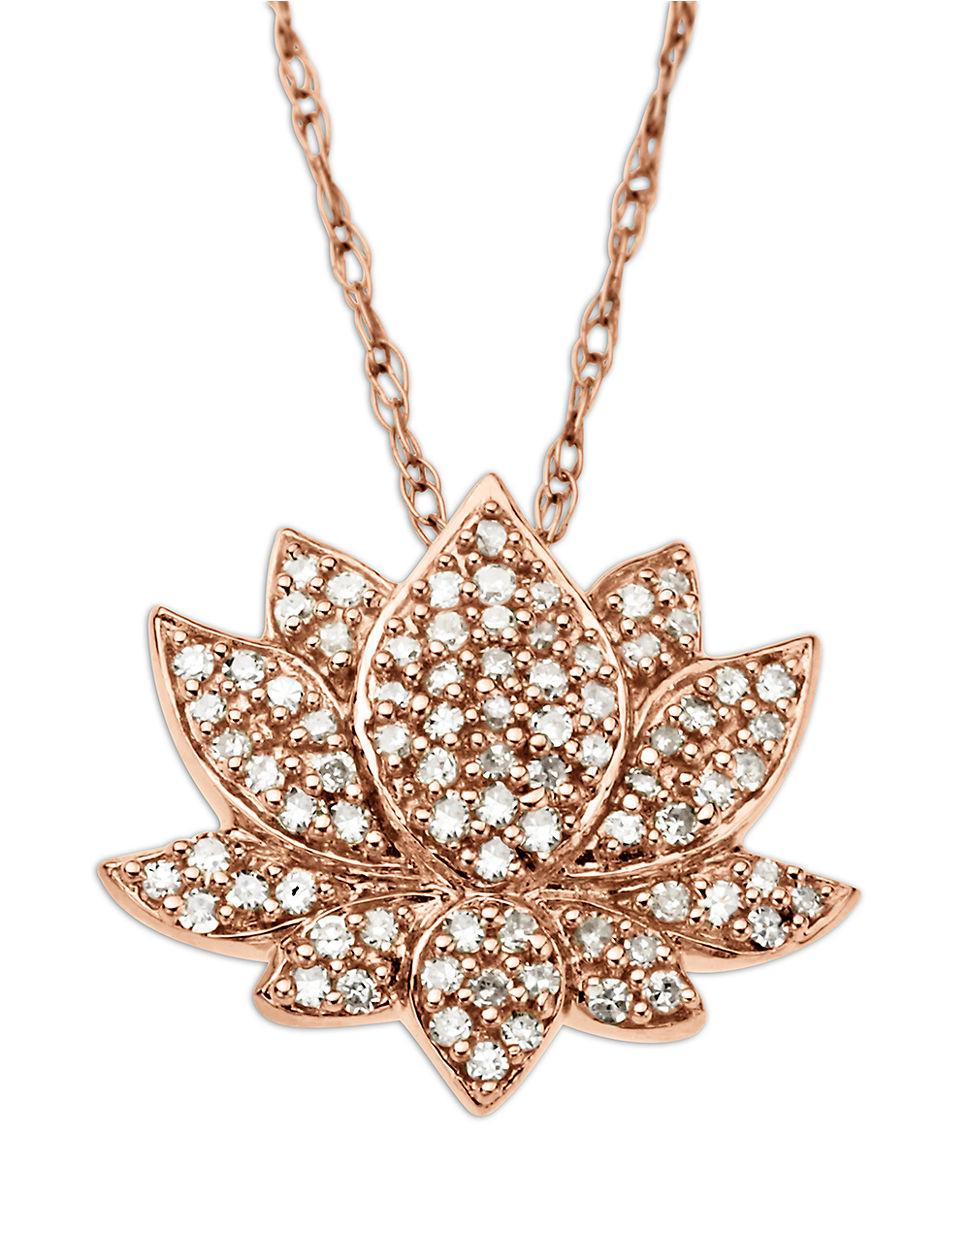 Gold Lotus Flower Pendant Necklace Pendant Design Ideas